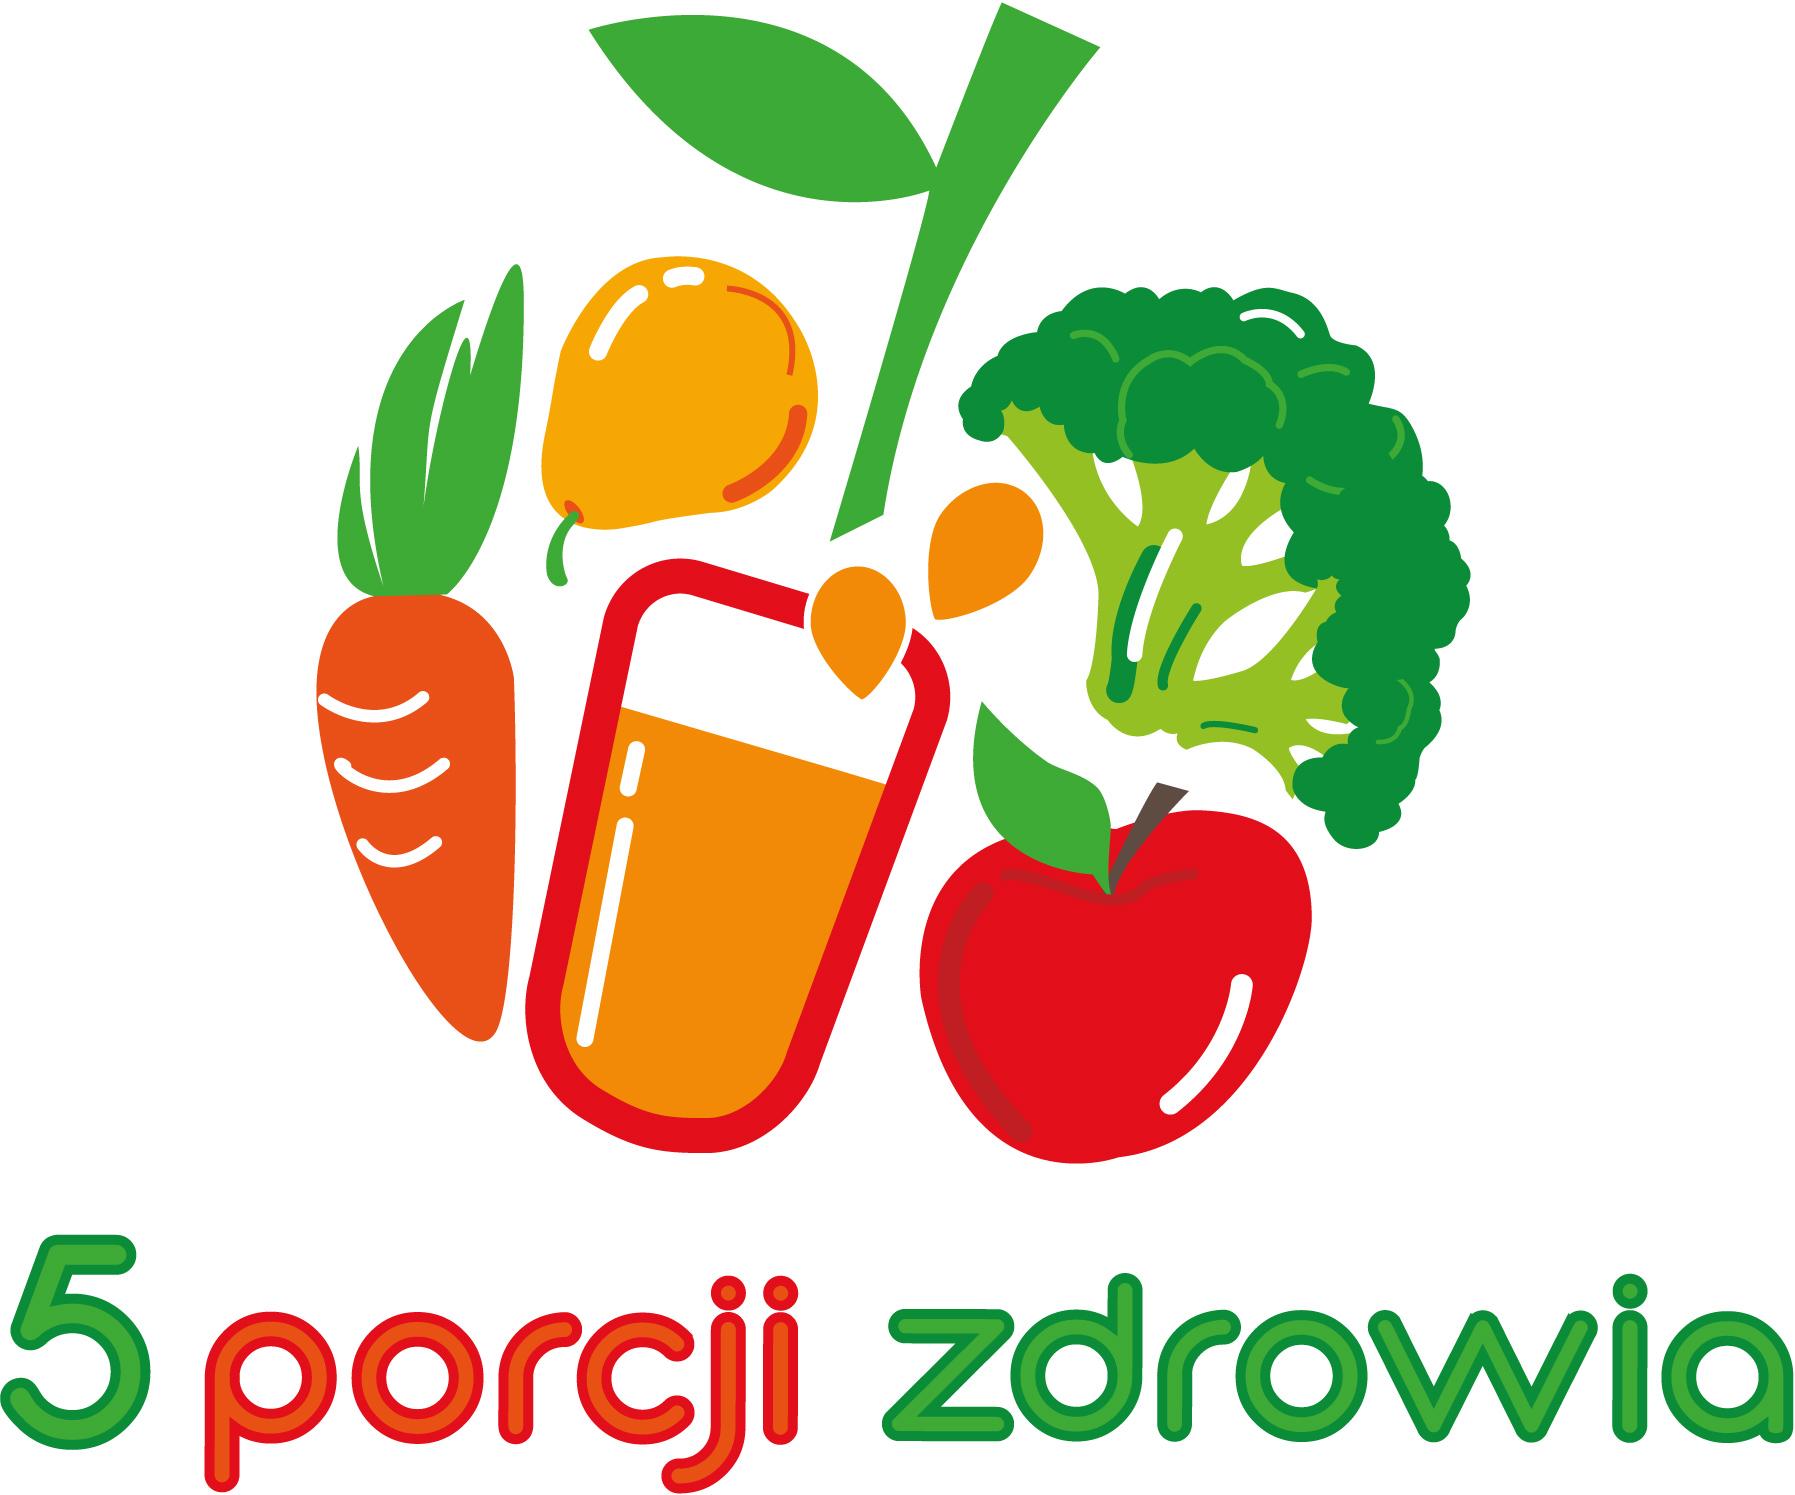 logo_5 porcji zdrowia